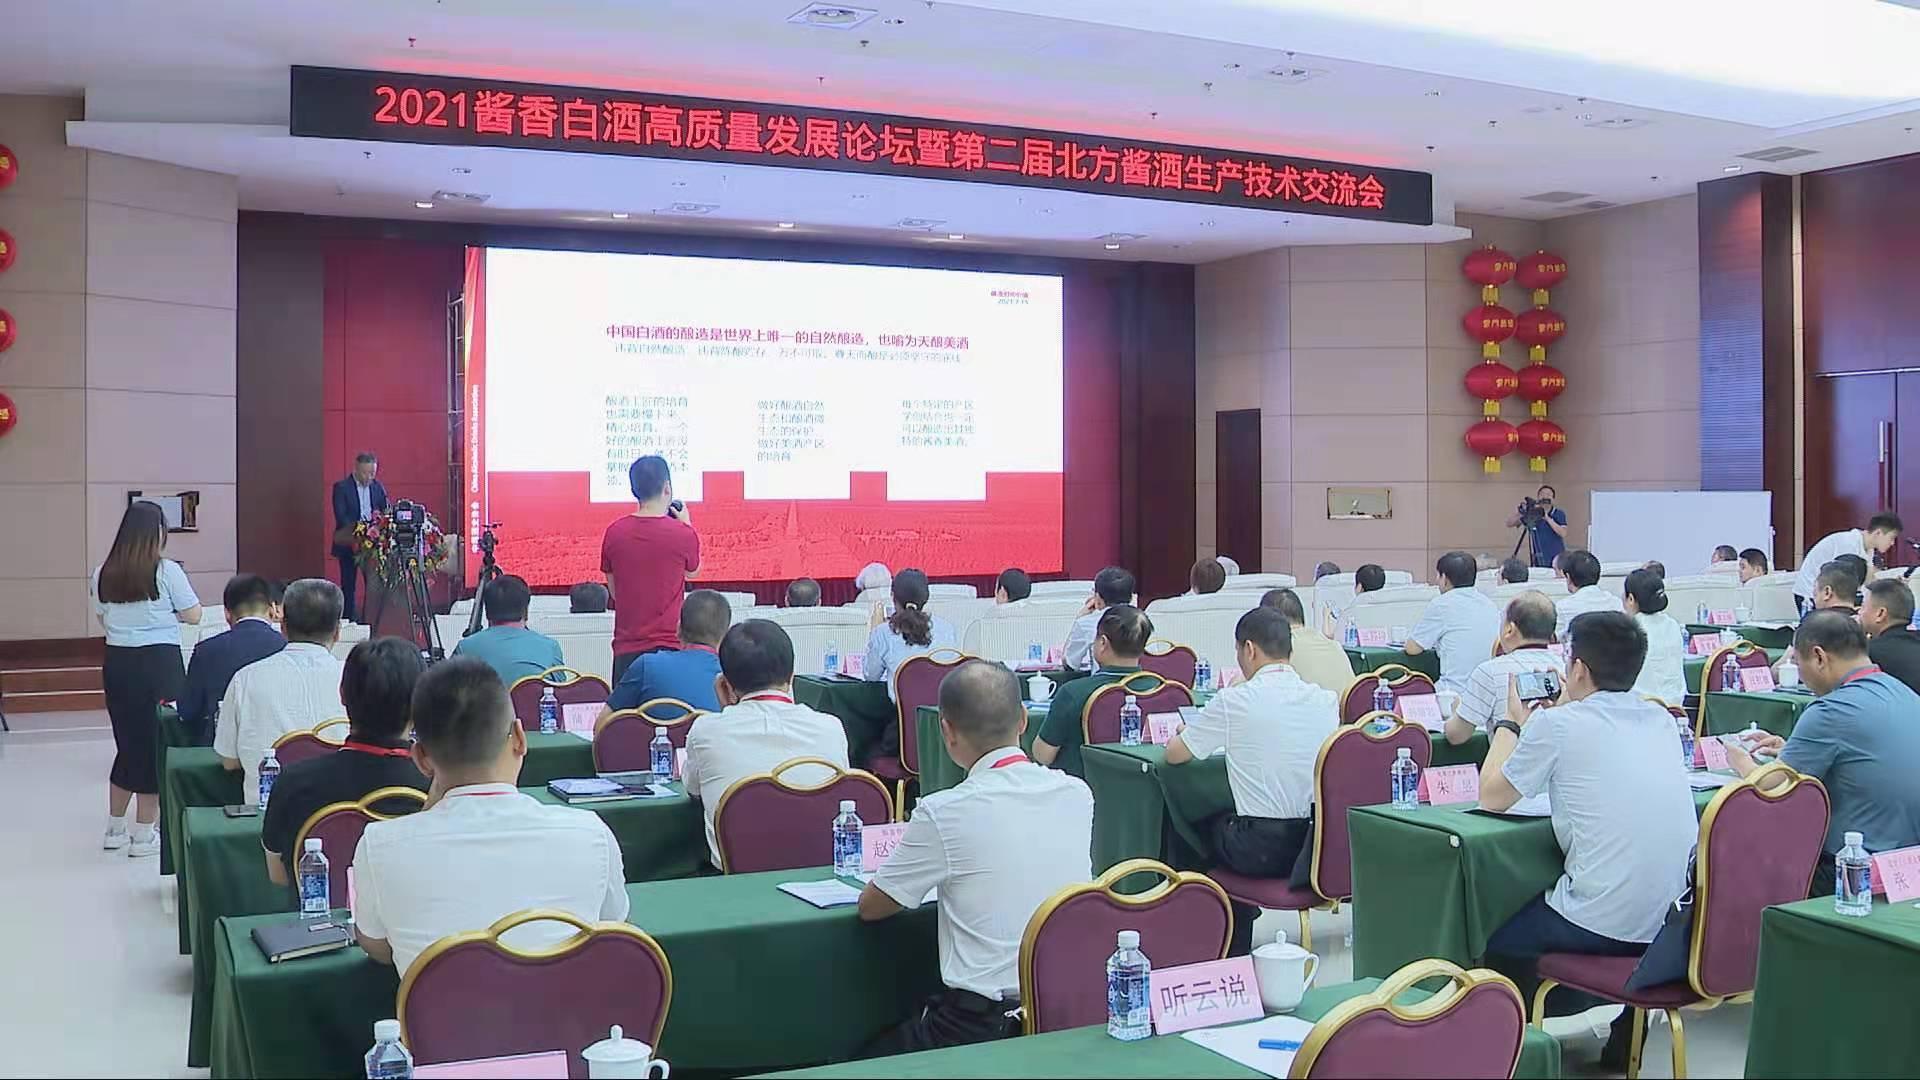 2021酱香白酒高质量发展论坛暨第二届北方酱酒生产技术交流会在青州举行